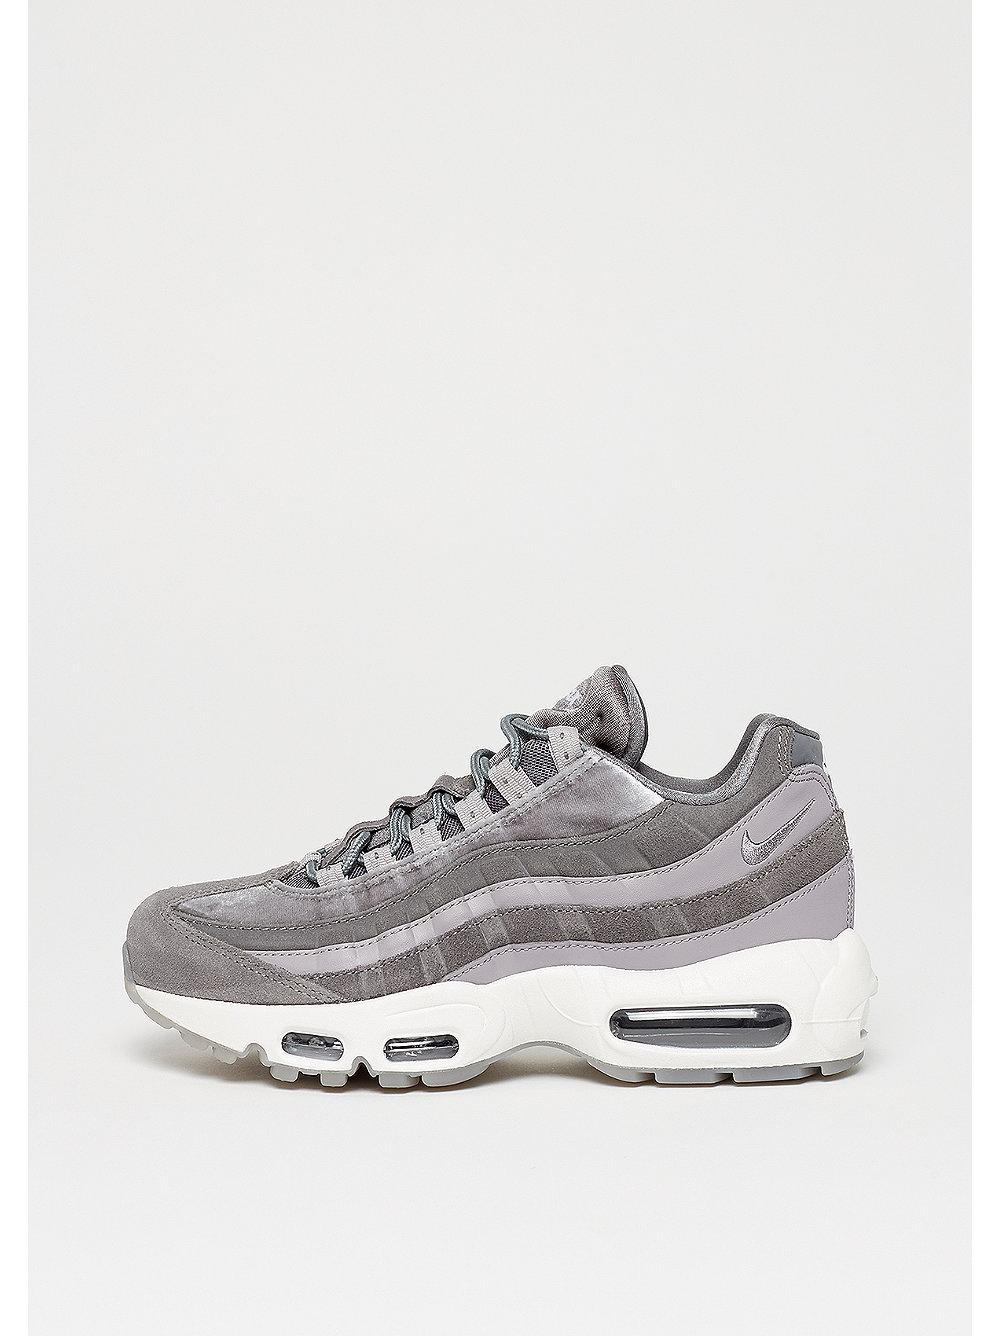 Nike Air Max 95 damessneaker grijs